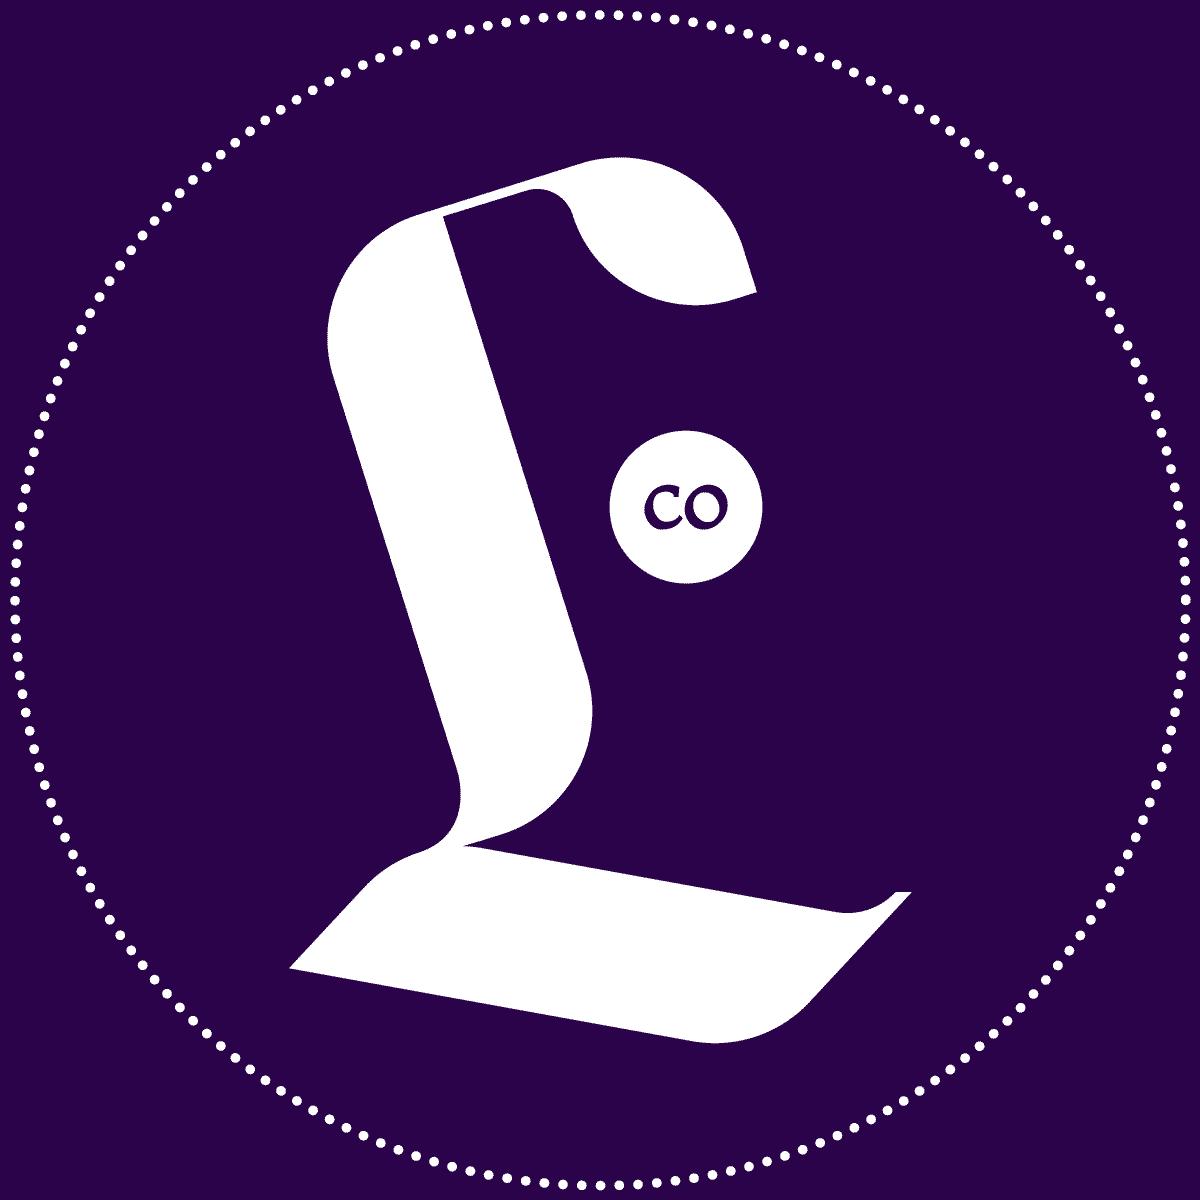 logo L.co